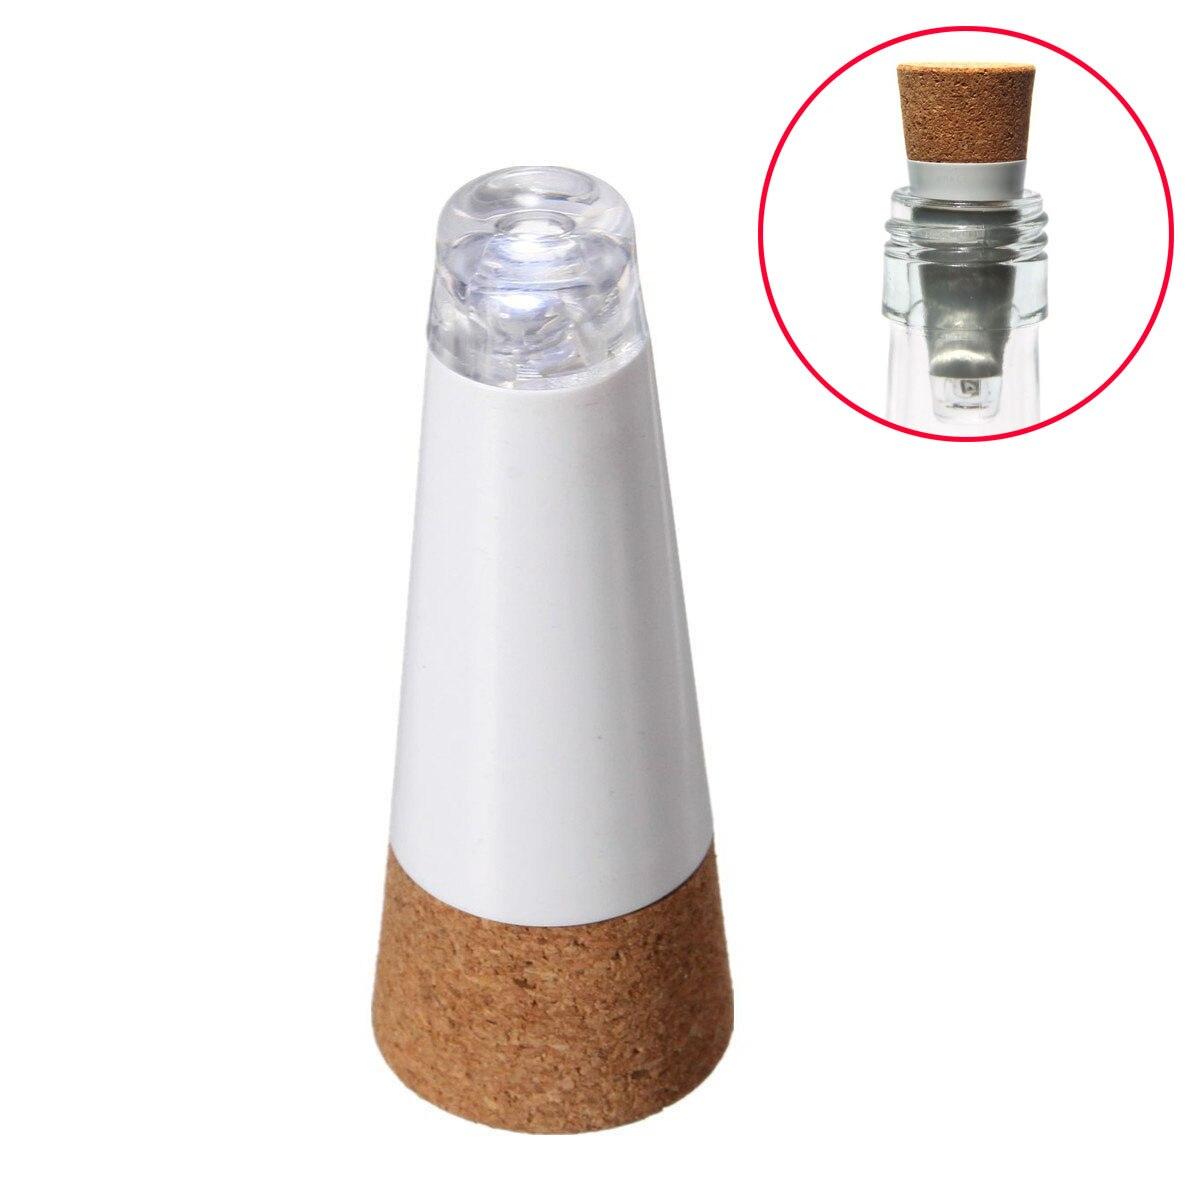 1 Pc Led Wein Flasche Nacht Licht Magie Cork Geformte Usb Aufladbare Korken Kappe Lampe Weihnachten Decor Kreative Romantische Weiß